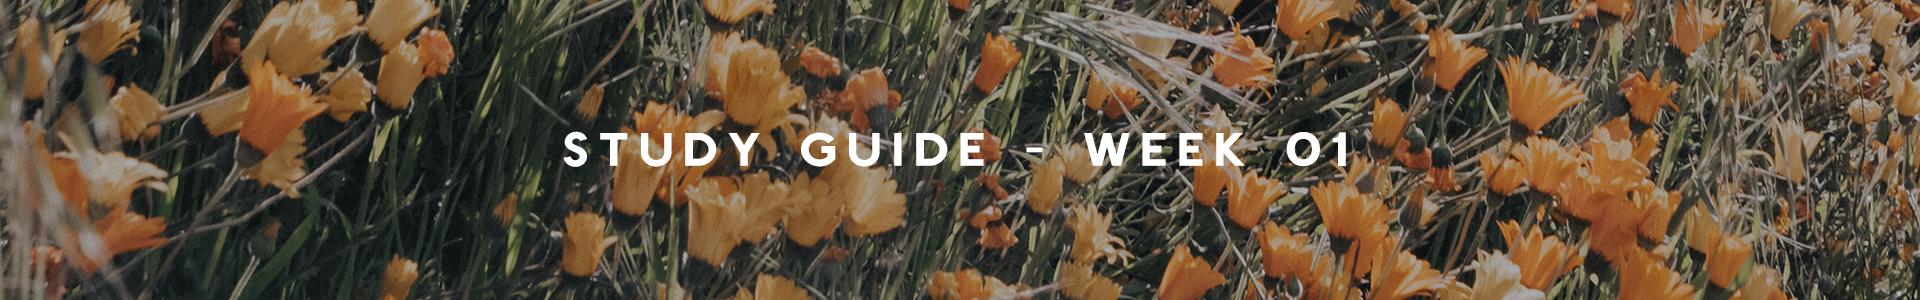 studyguide-week01-website.png